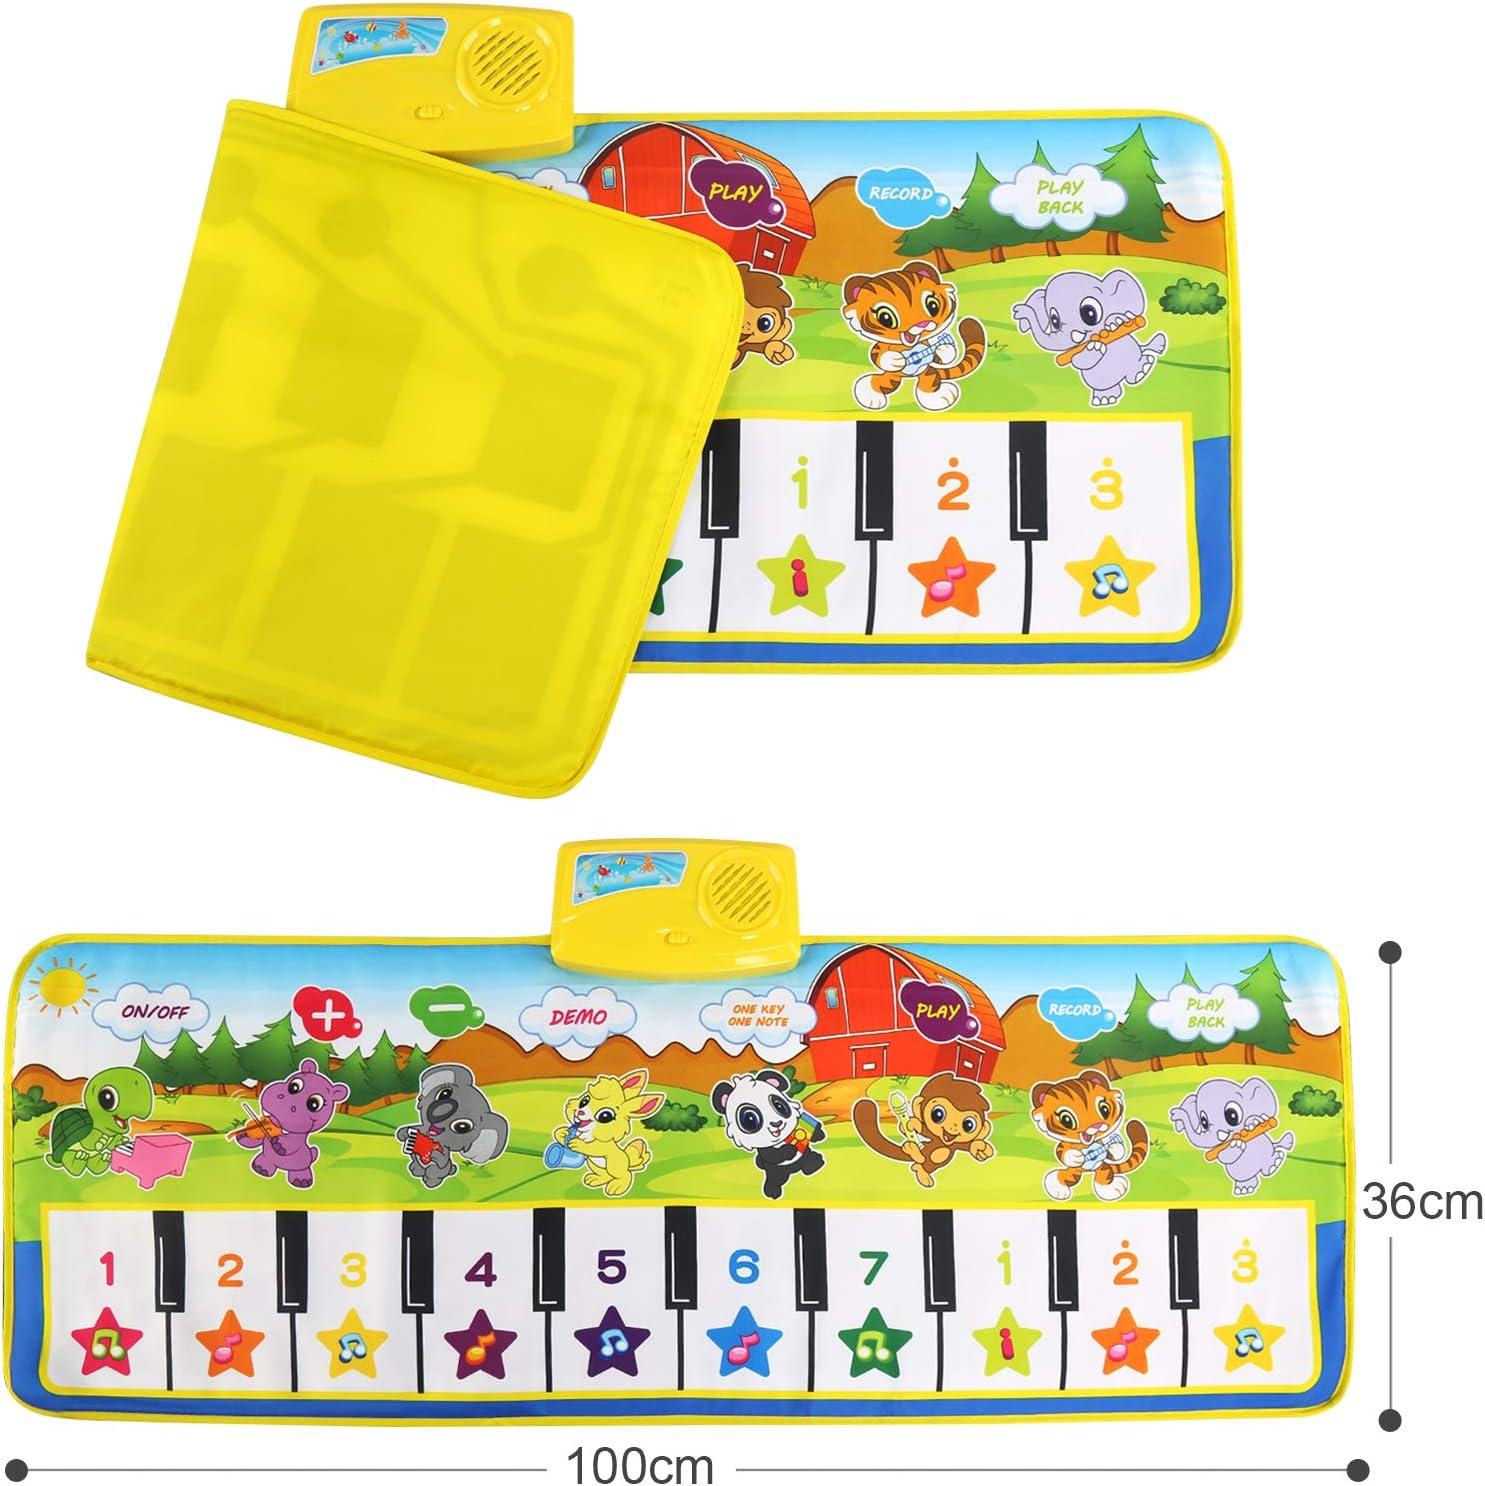 Gr/ün Keyboard Matten Spielteppich Baby Tanzmatte f/ür Jungen M/ädchen Kinder 100*36 cm Klaviermatte mit 8 Instrumenten NEWSTYLE Tanzmatte,Musikmatte f/ür Kinder